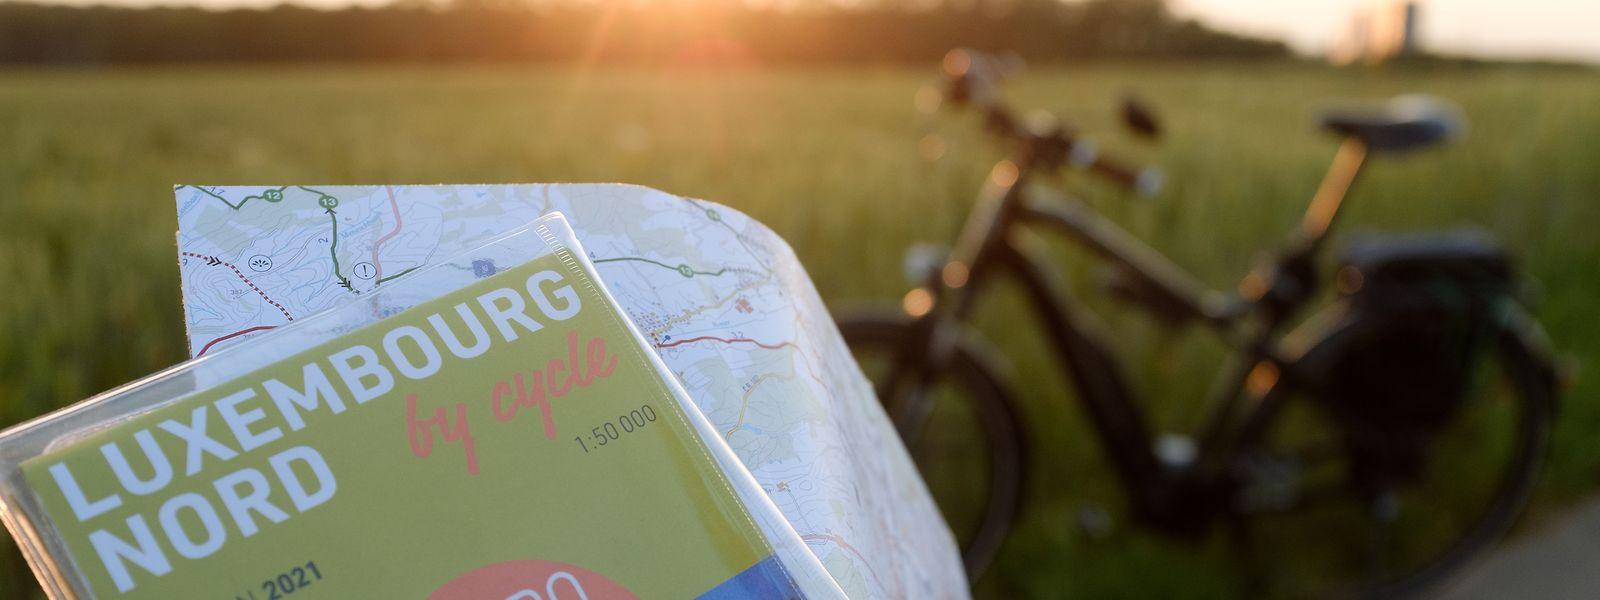 Die neuen Karten im Maßstab 1:50000 kommen mit allen für Fahrrad-Touren erforderlichen Detailinformationen.